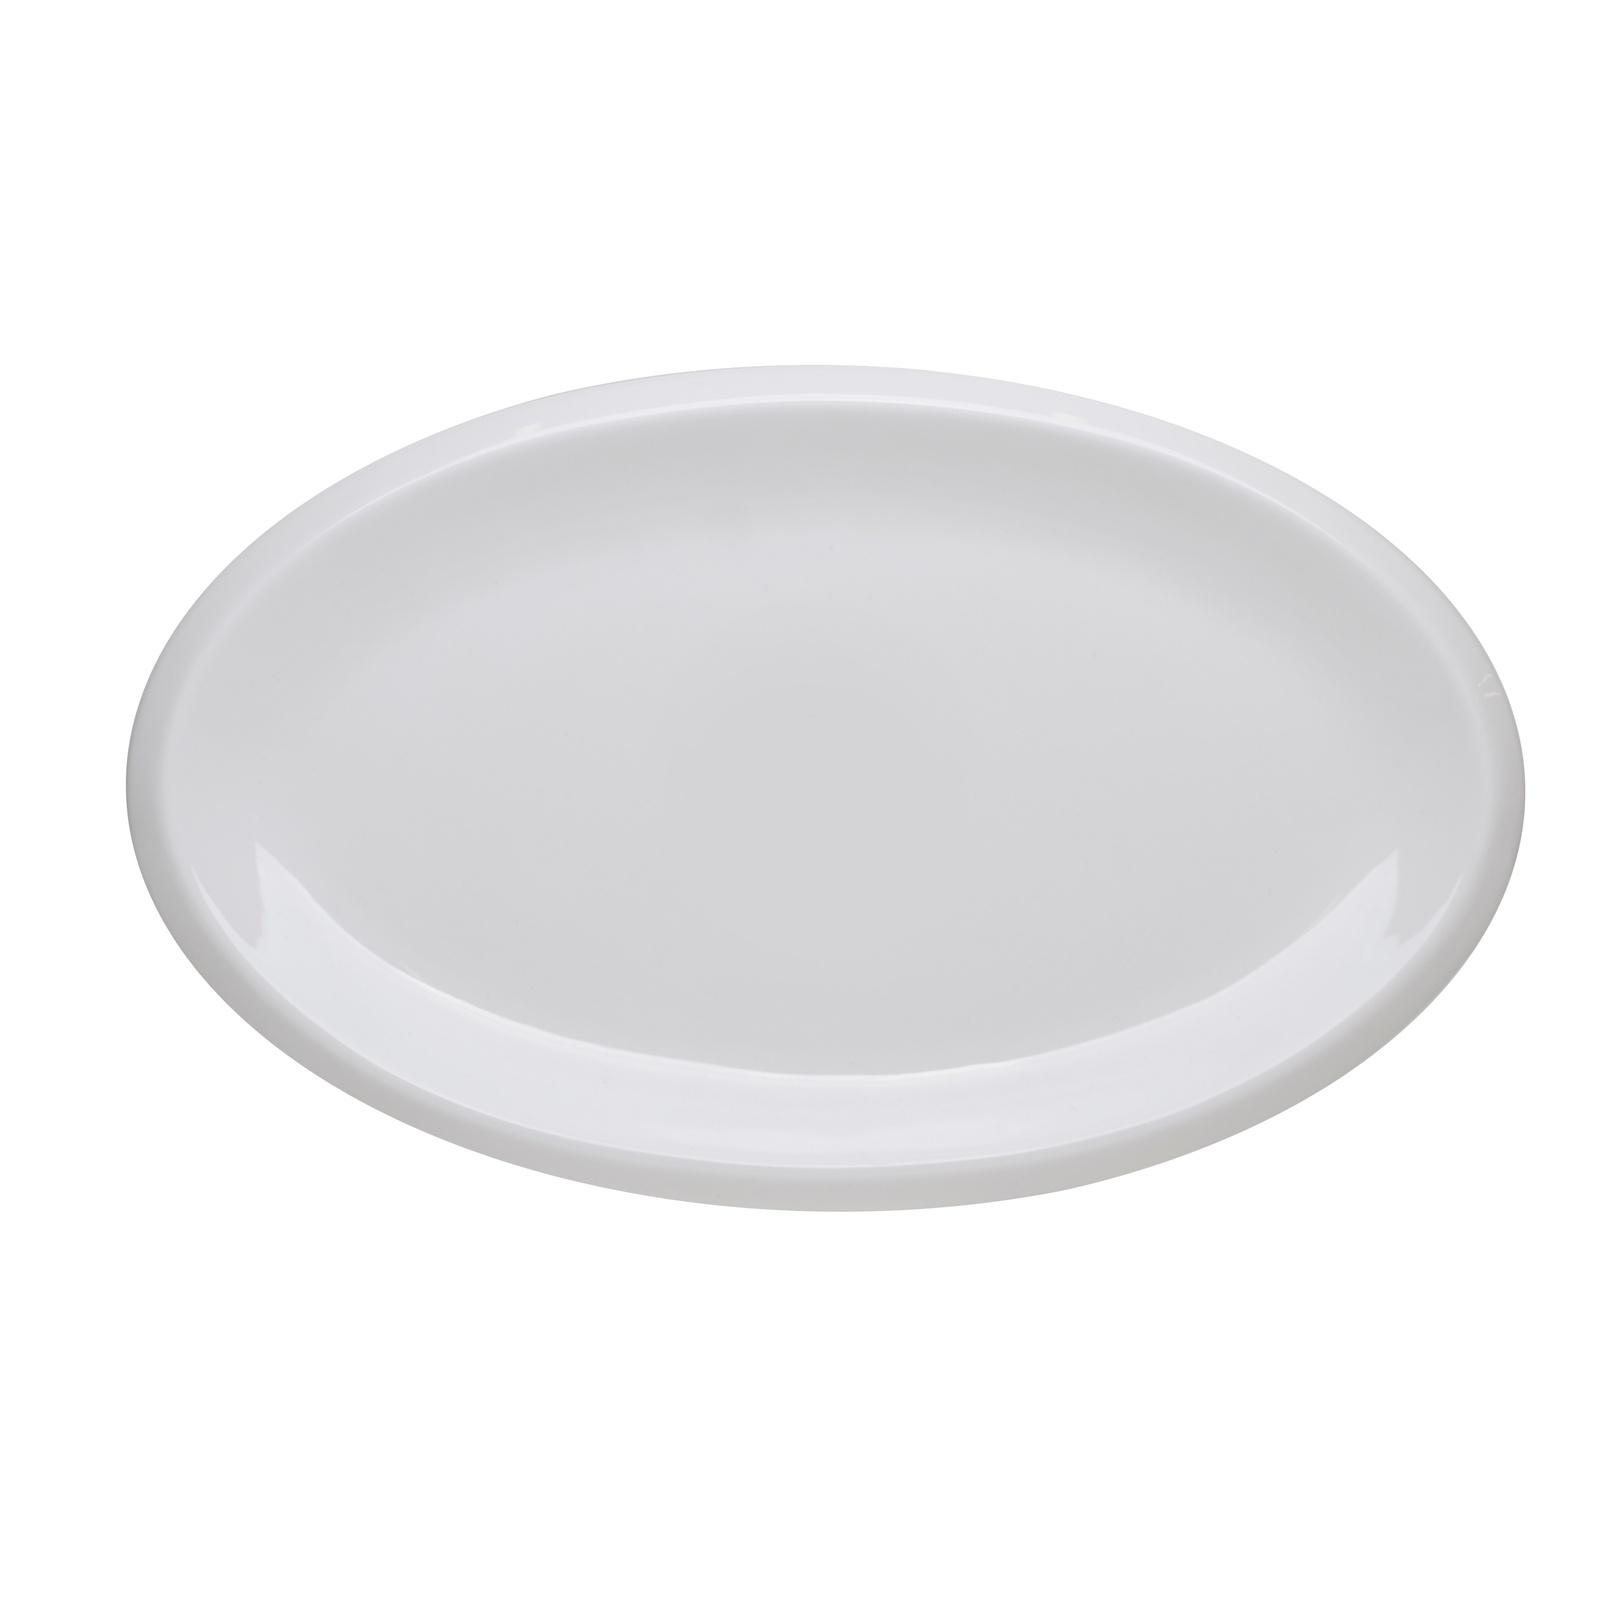 Блюдо Овальное TUDOR ENGLAND 25 см блюдо tudor england овальн 25х15 5см фарфор